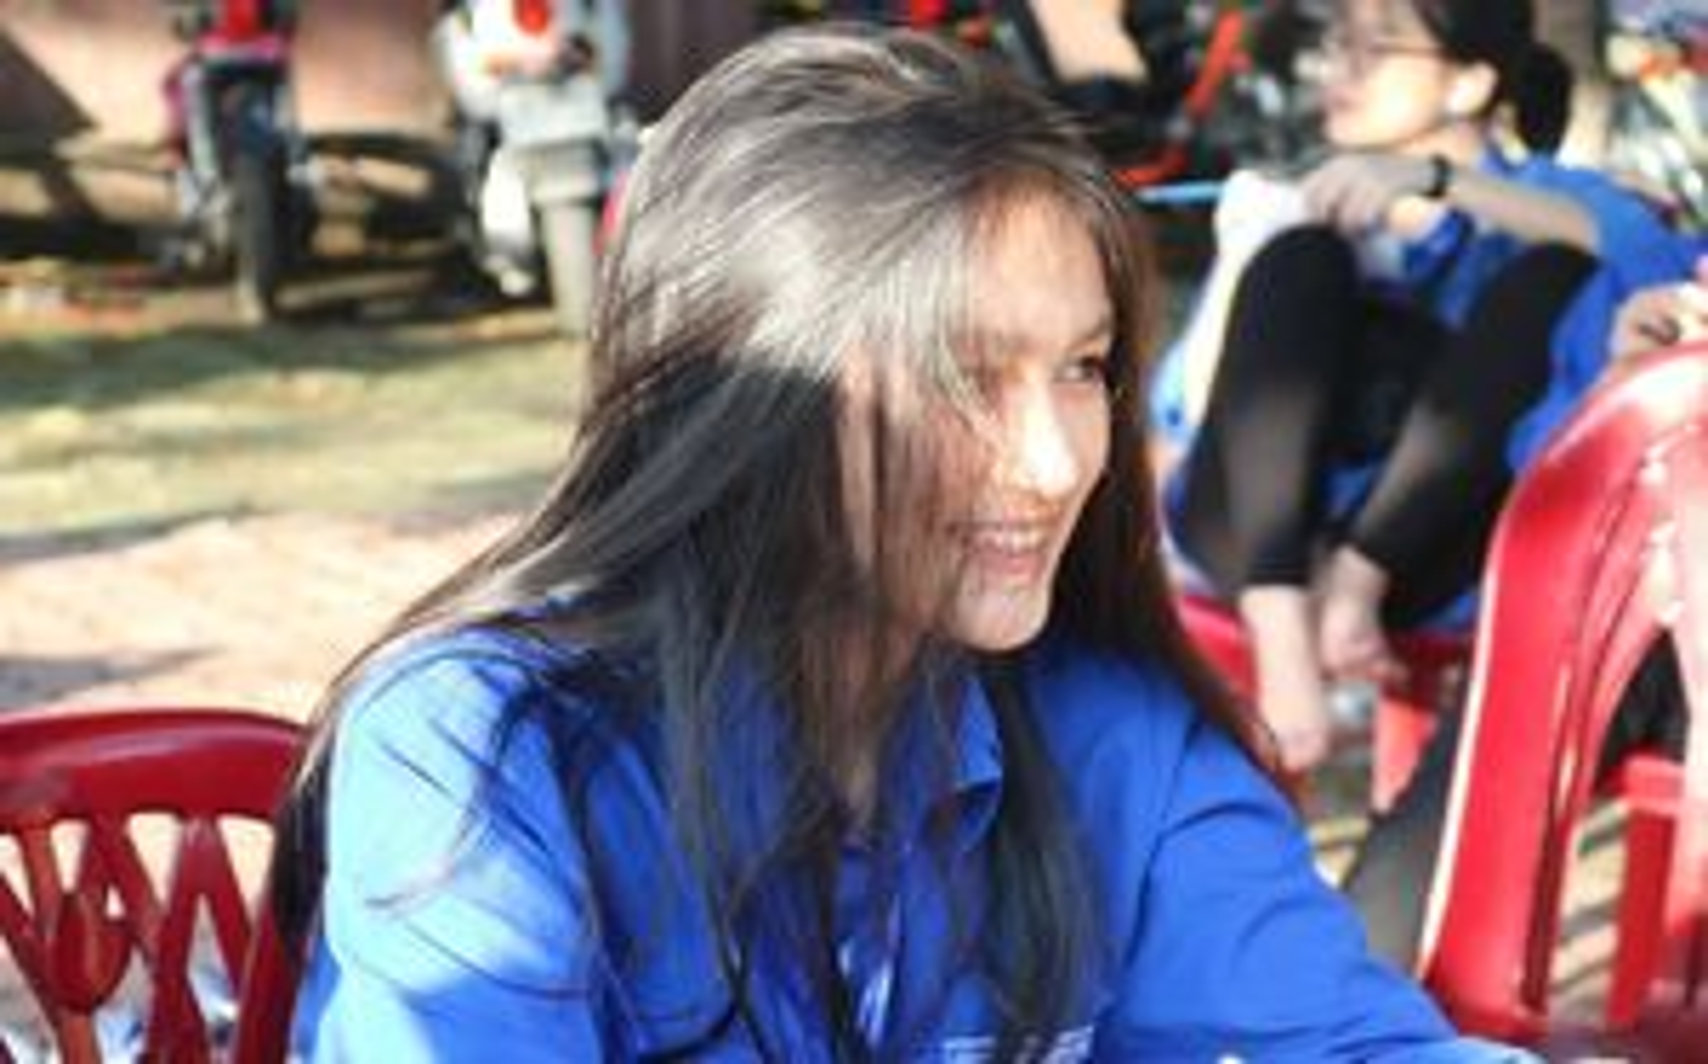 Nữ sinh tiếp sức mùa thi ở Nghệ An 'gây thương nhớ'